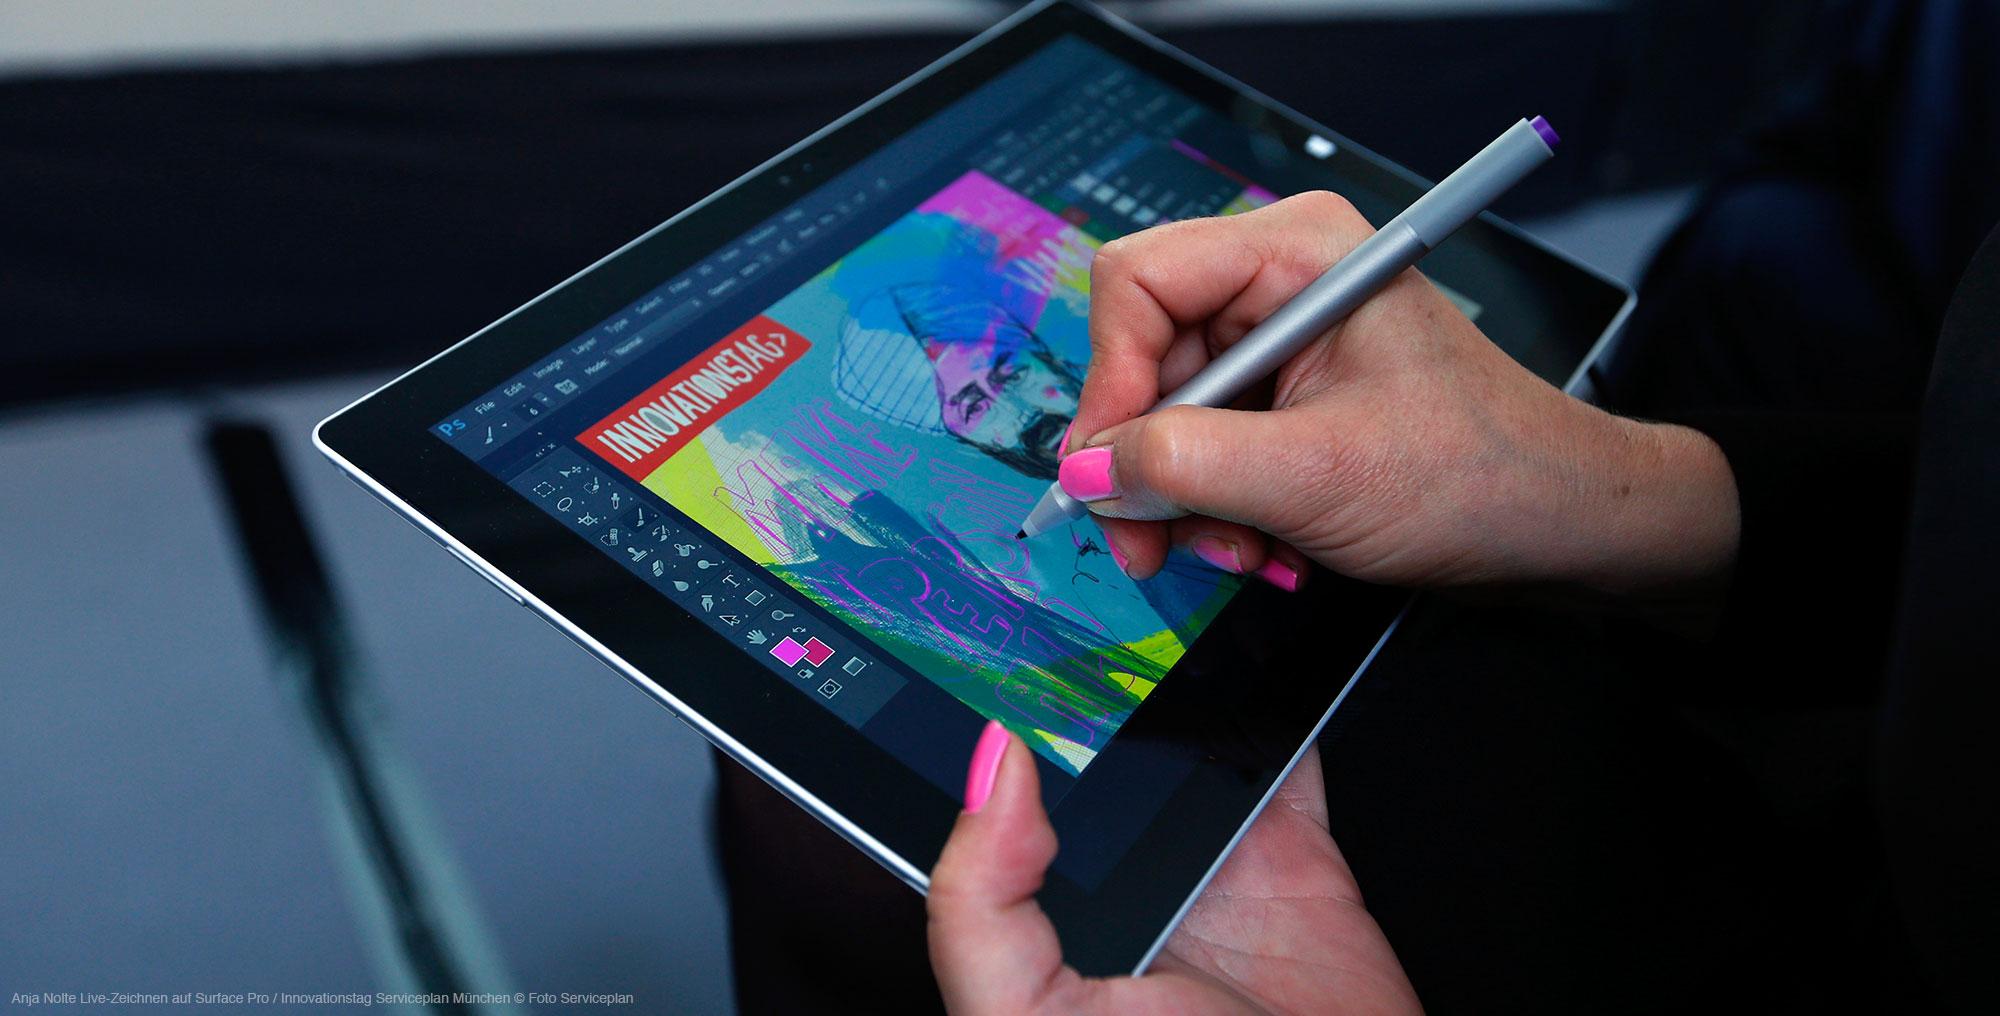 Live-Zeichnen / Graphic Recording Anja Nolte für Serviceplan München am Innovationstag